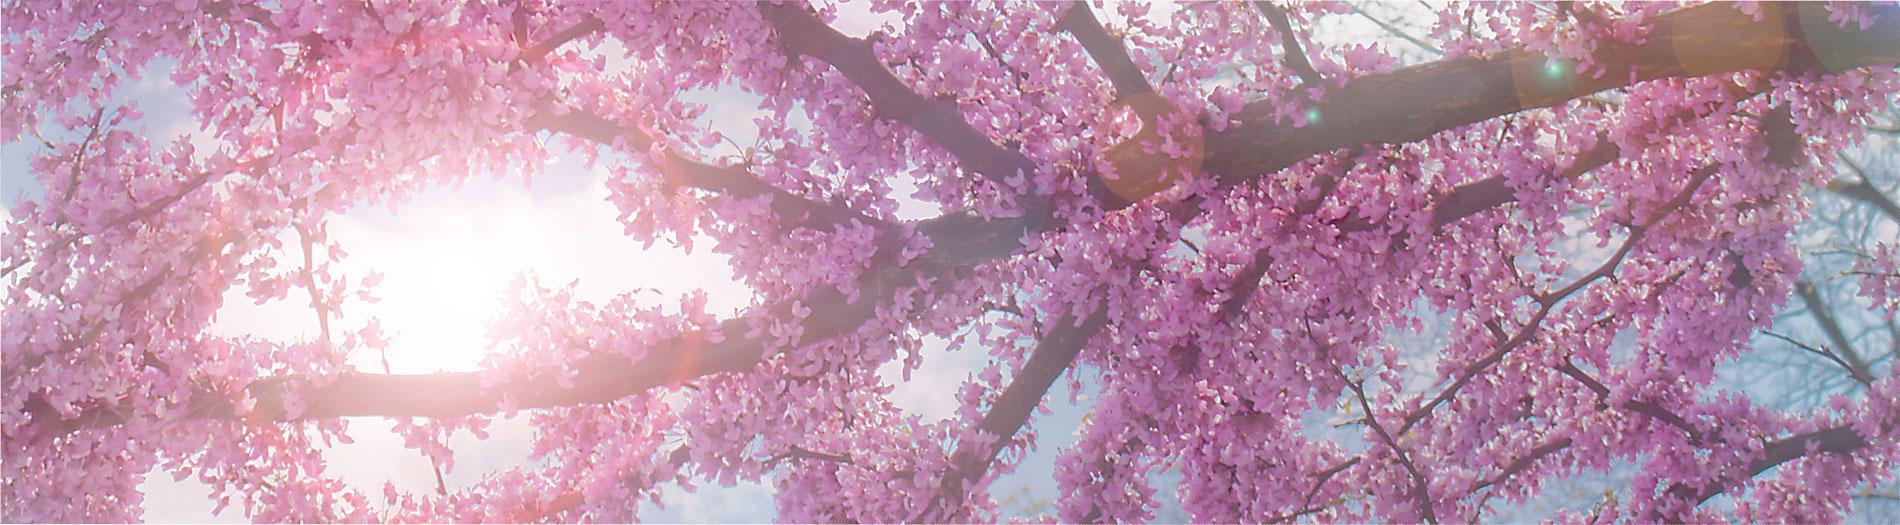 Blooming Sky